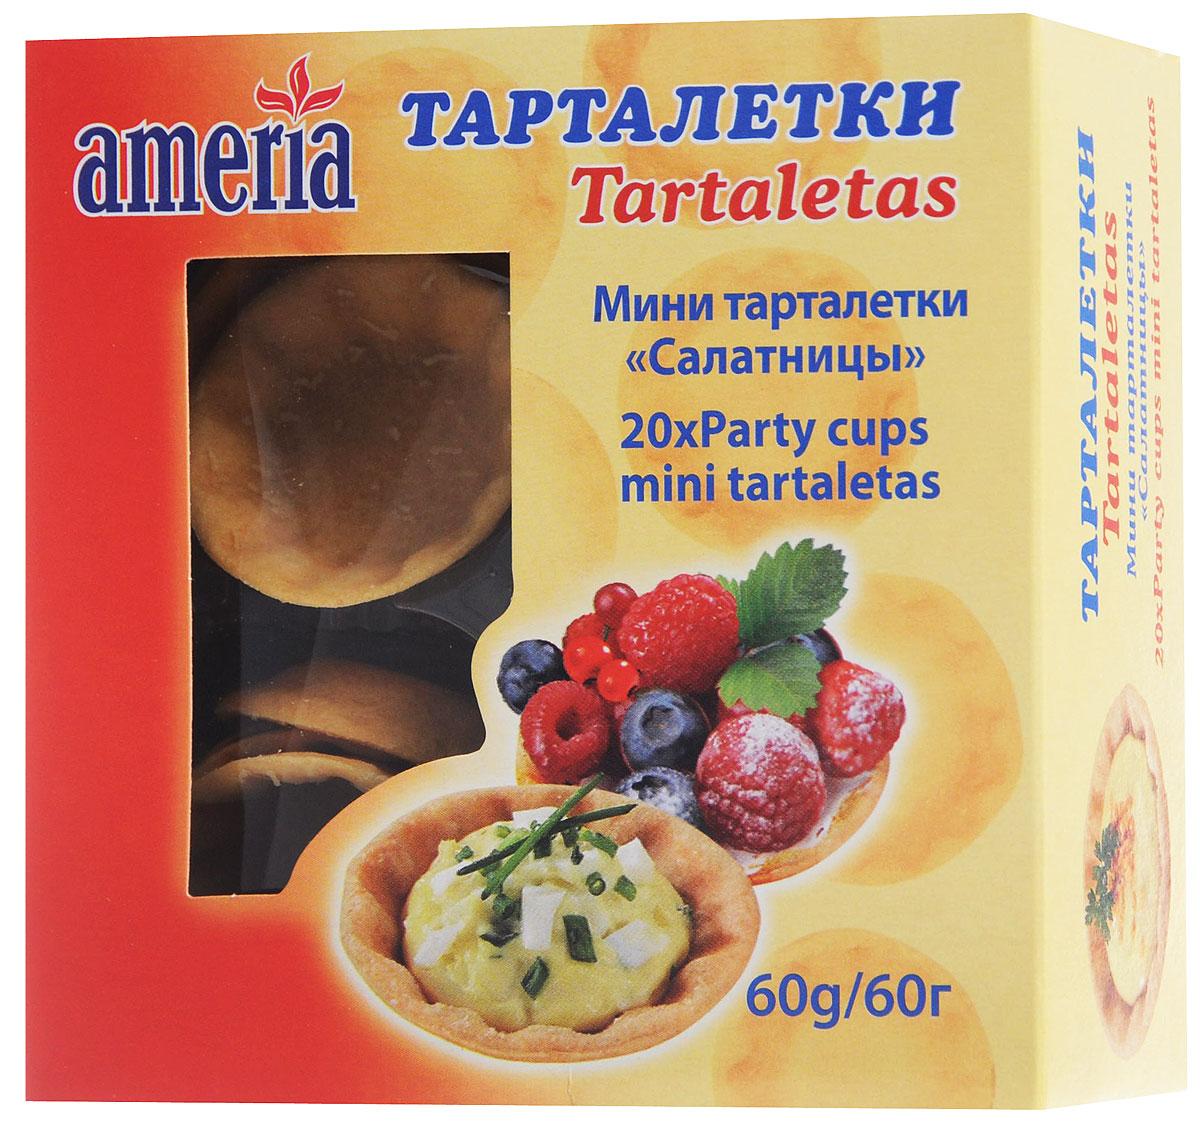 Ameria Party Cups Салатницы мини тарталетки, 60 г0120710Мини тарталетки Ameria Party Cups отлично подойдут для приготовления различного рода закусок к застолью и праздникам. Исходя из вашего вкуса, их можно наполнить самым широким спектром ингредиентов. В одной упаковке содержится 20 салатниц.